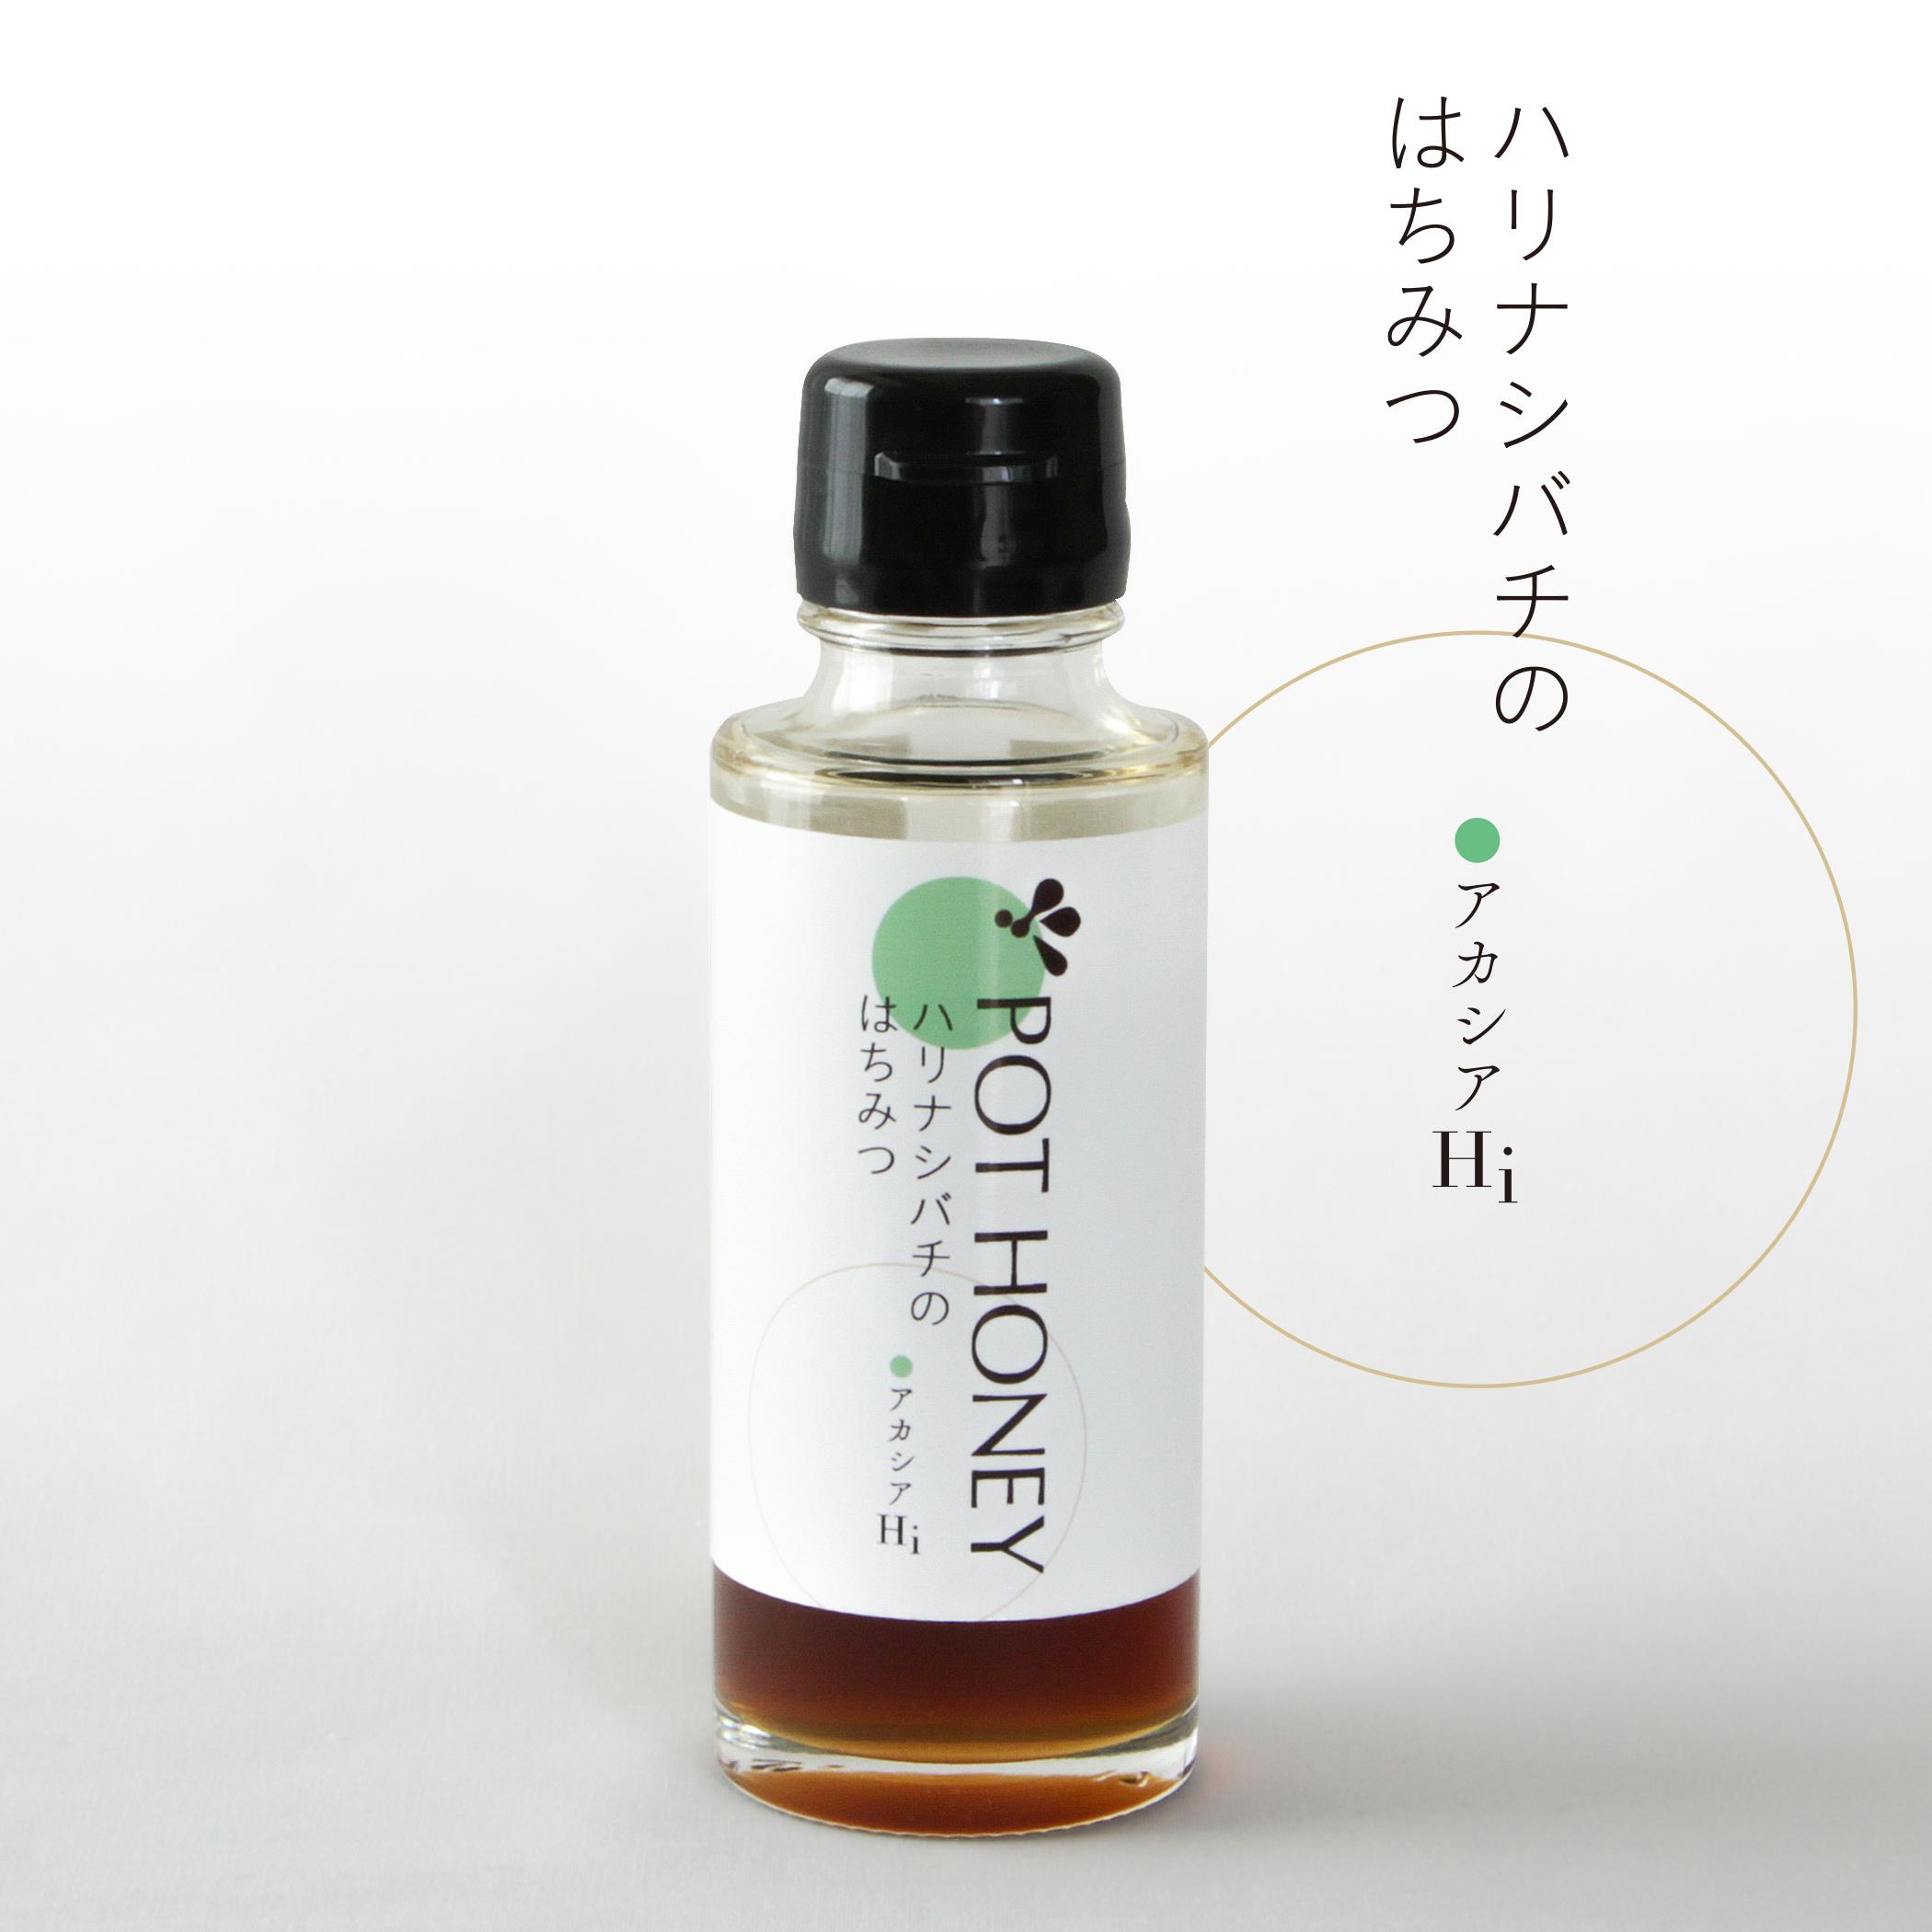 ハリナシバチの蜂蜜 POT HONEY アカシアH.i 100g